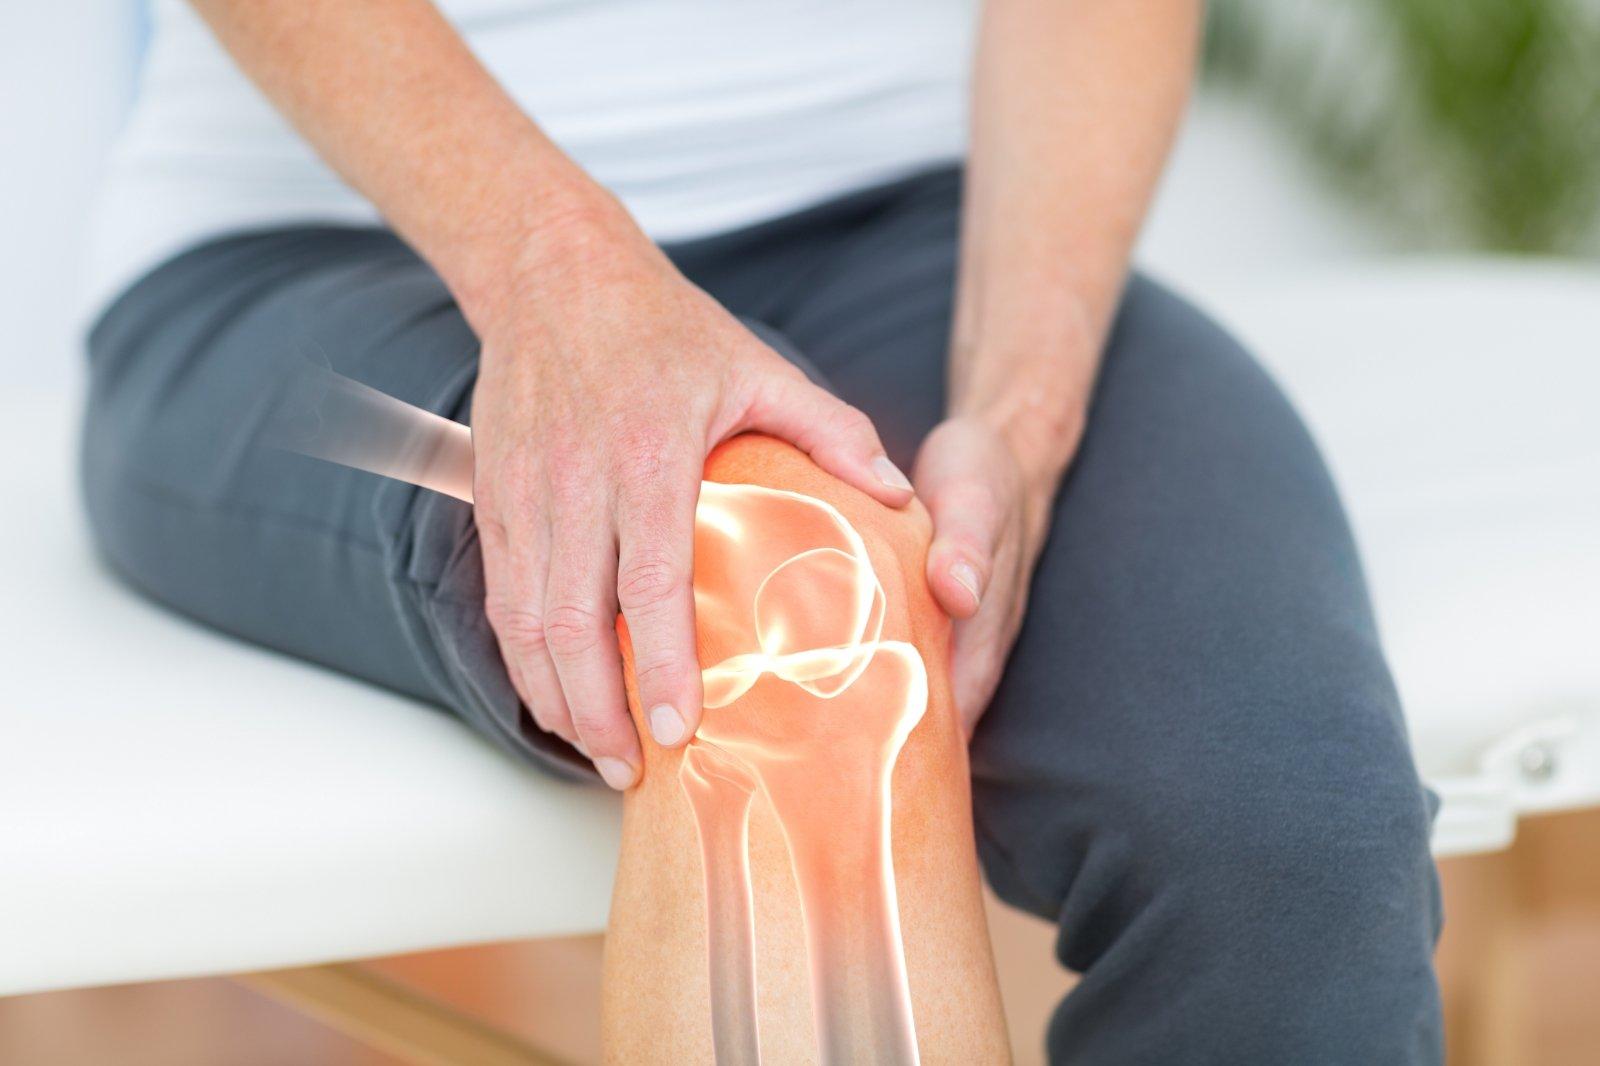 tvs gydymas sąnarių artritas ir tirpimą kairės rankos